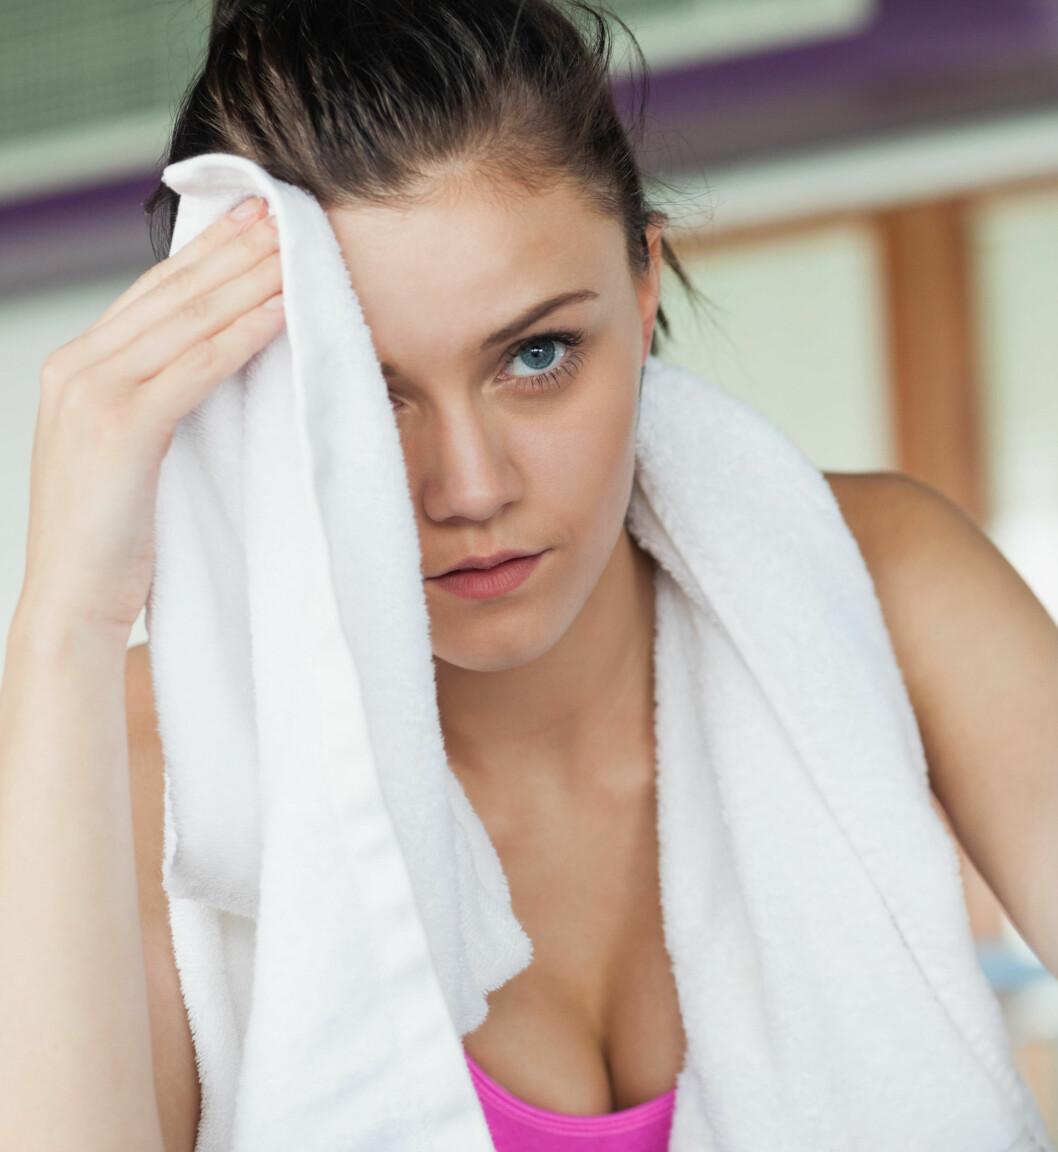 FORSKJELL PÅ SVETTE: Det er forskjell på det du svetter ut på trening og svette som kommer som følge av stress. Plages du av vond svettelukt i det daglige, kan det være lurt å stresse ned.  Foto: Scanpix